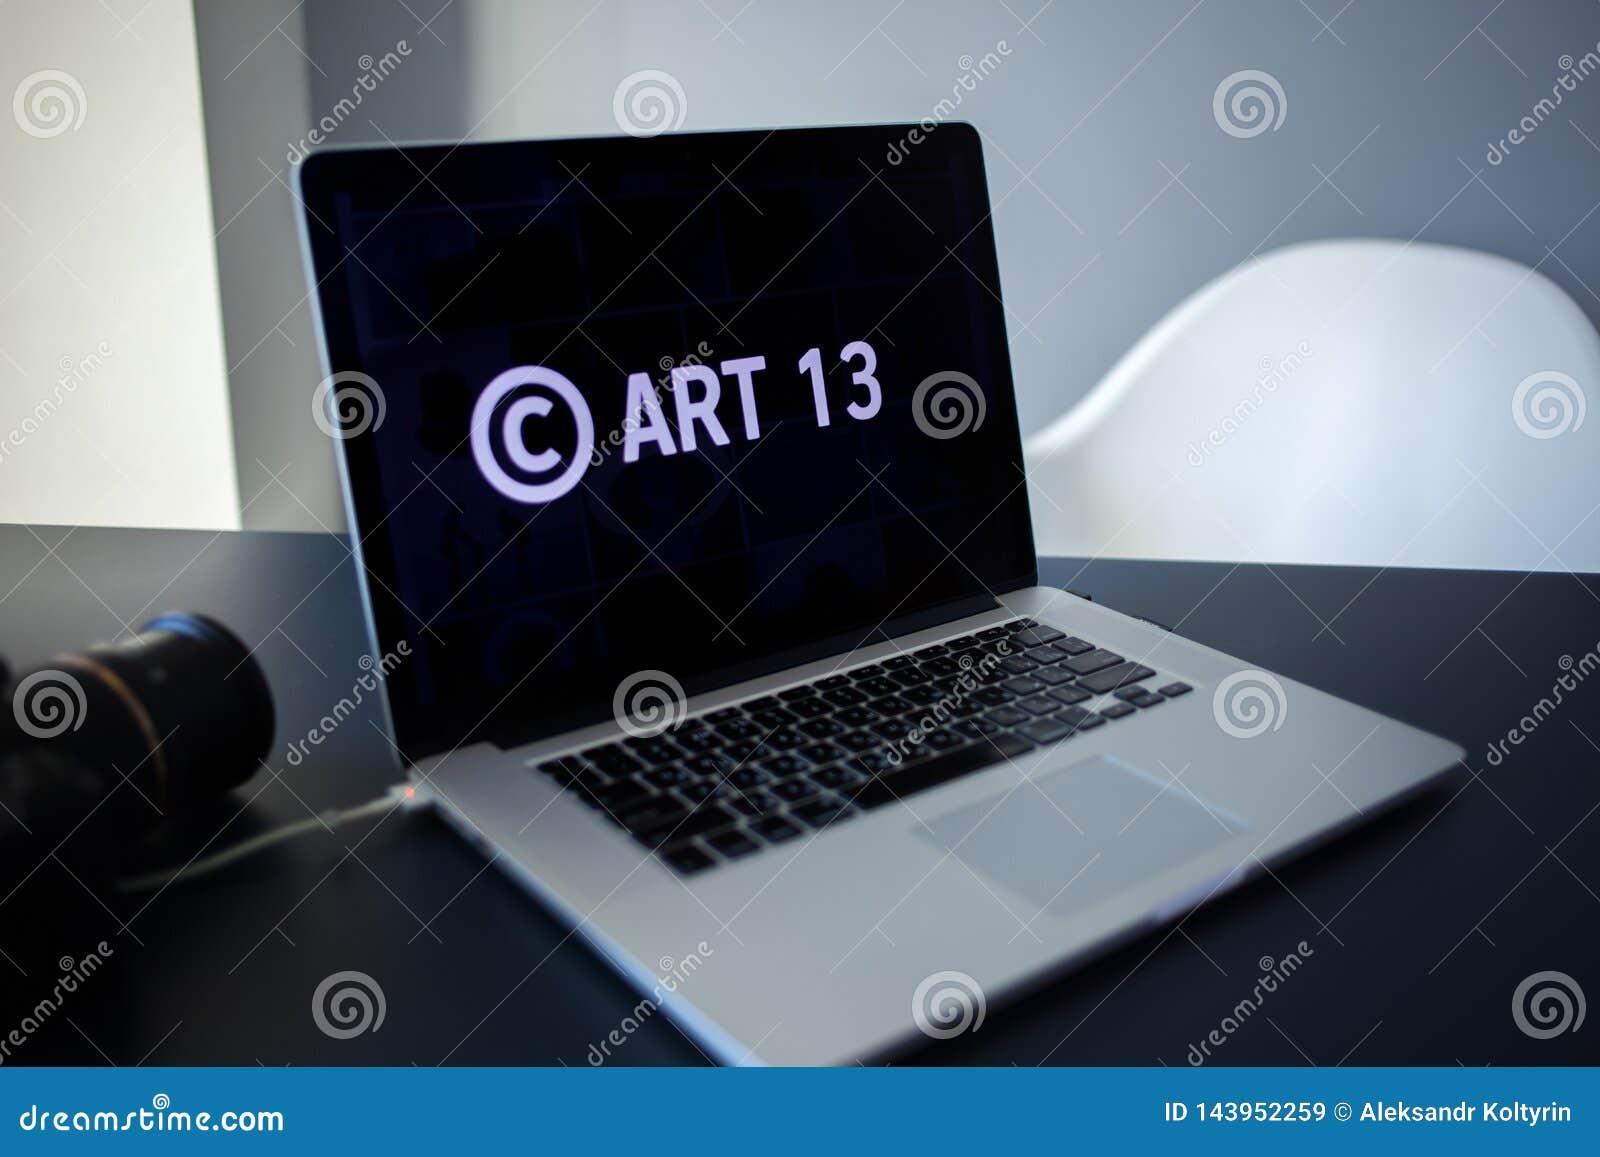 Статья 13 поправка к законодательству ЕС запретила материалы средств массовой информации в Интернете